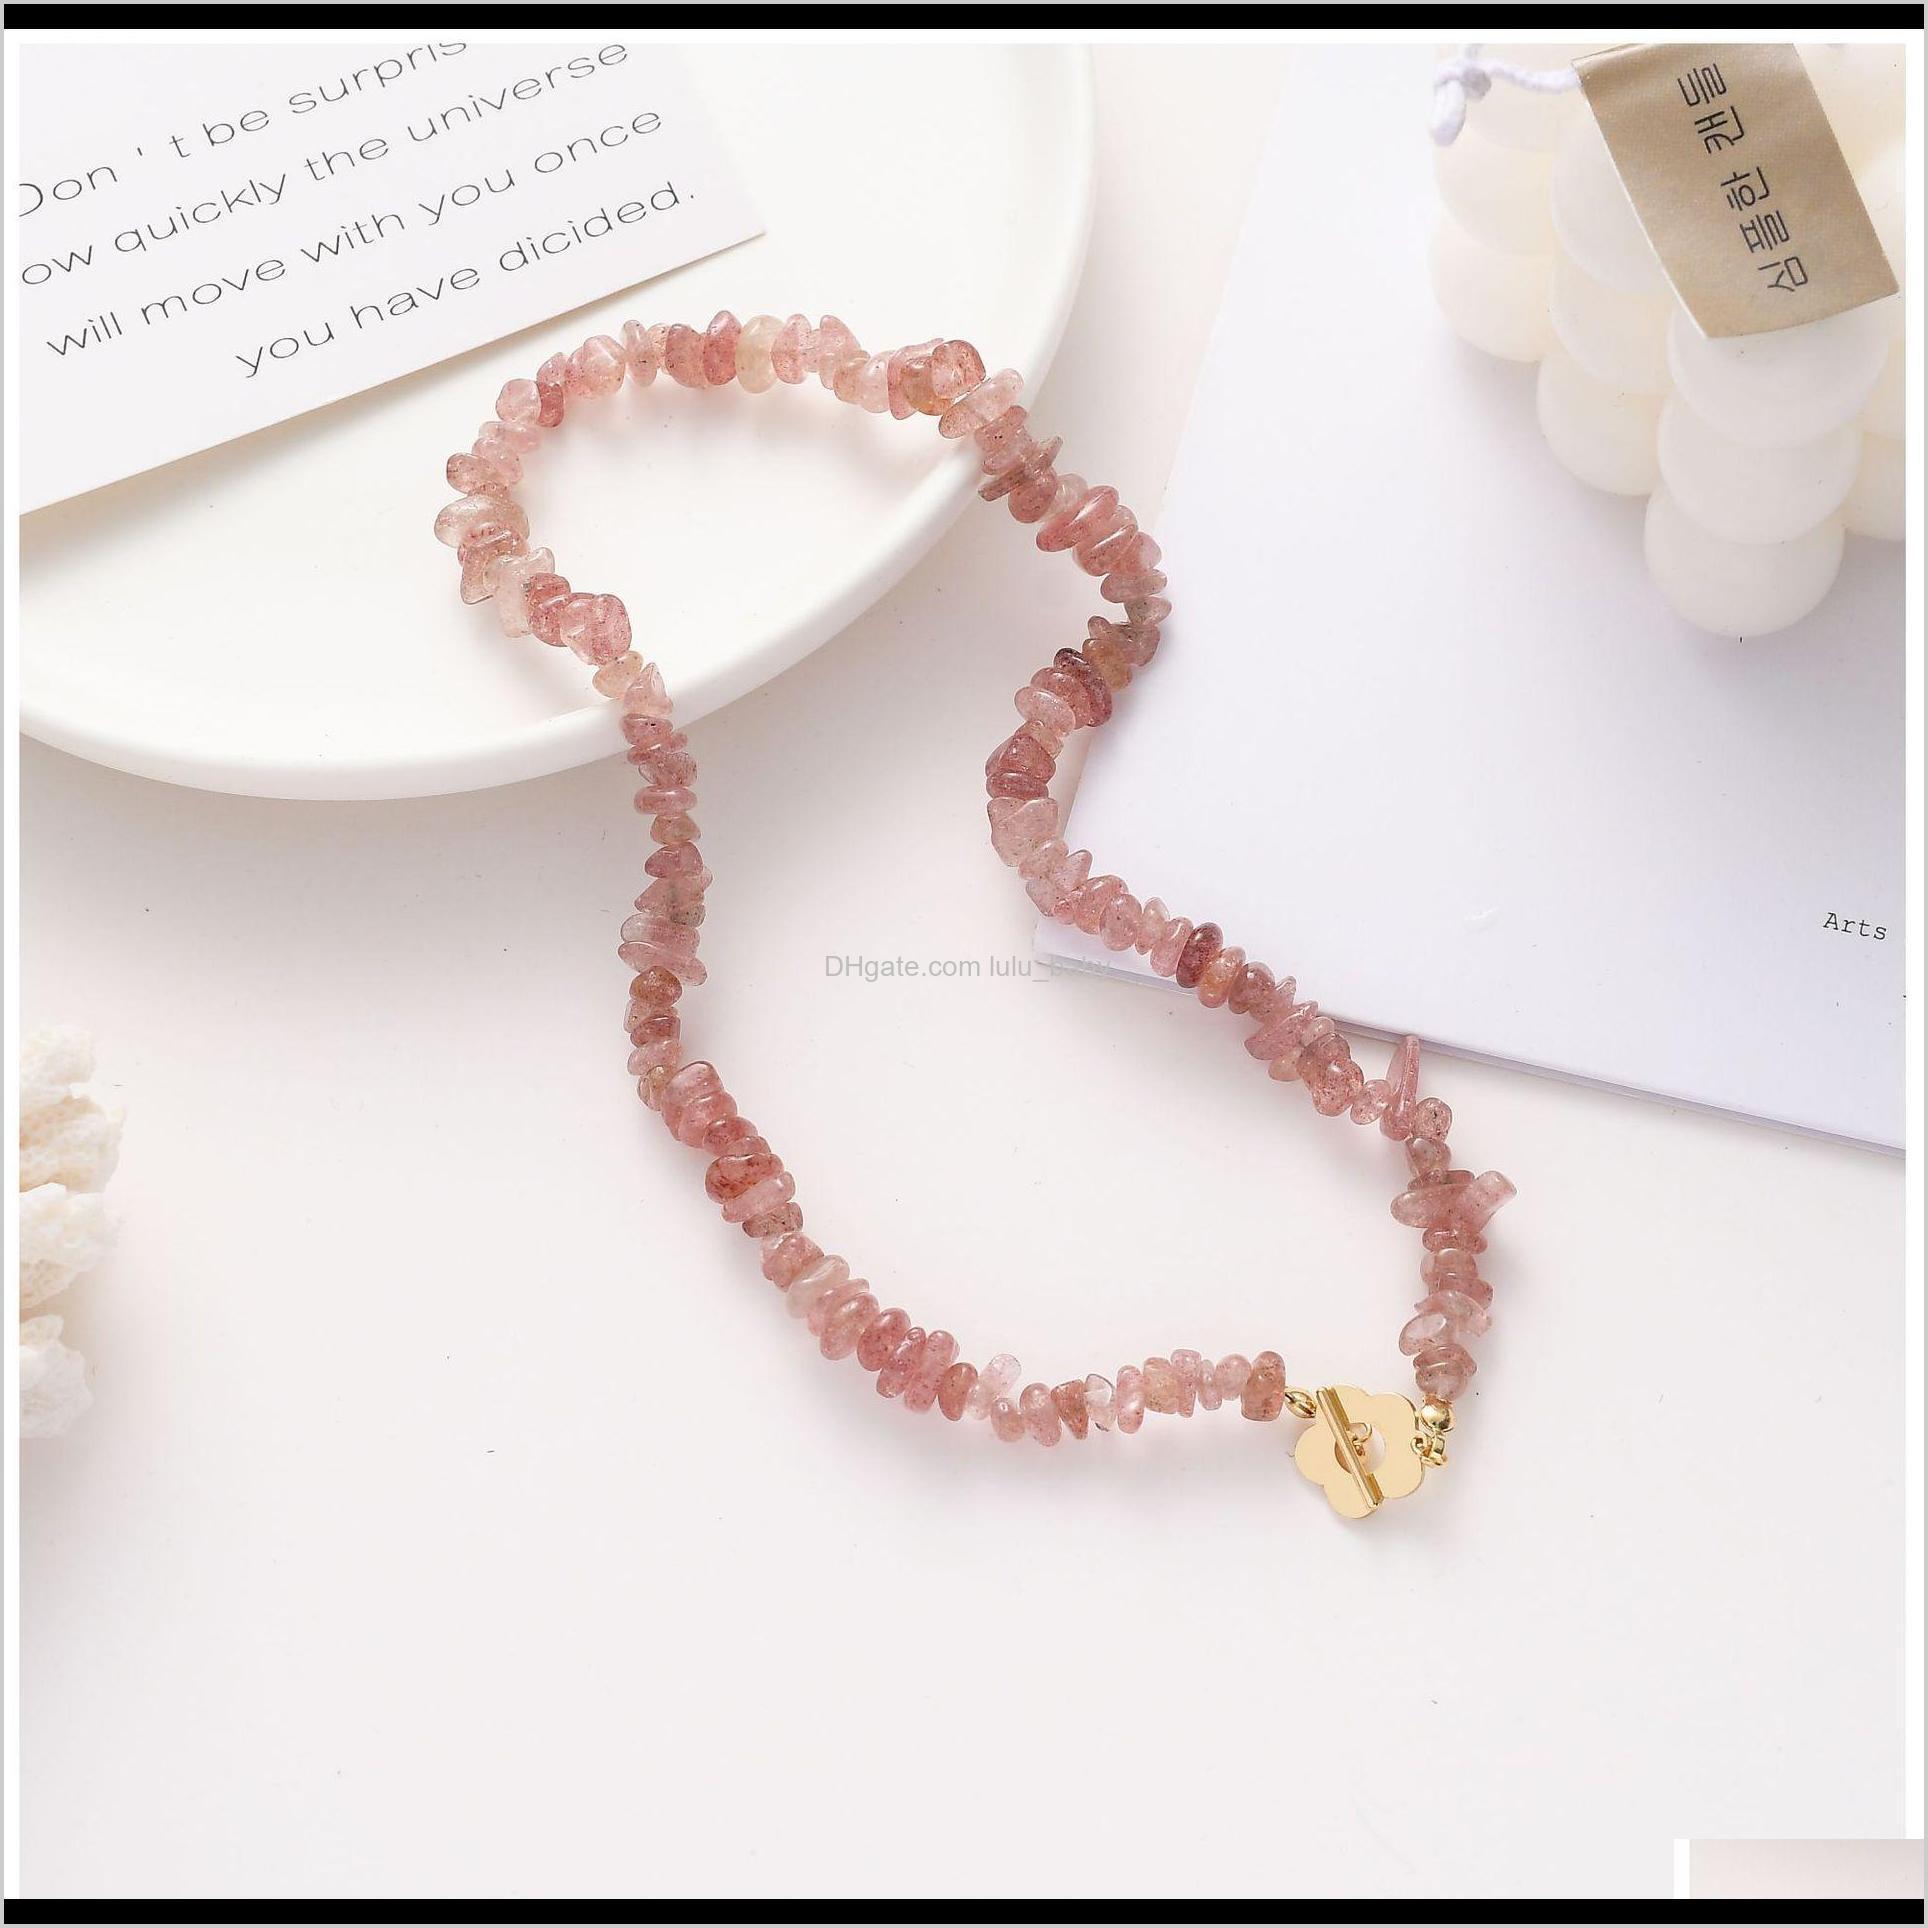 Braccialetto di modo delle donne Braccialetto di cristallo di fragole perline dolce elegante densità pendente gioielli 4a7qj acjlw